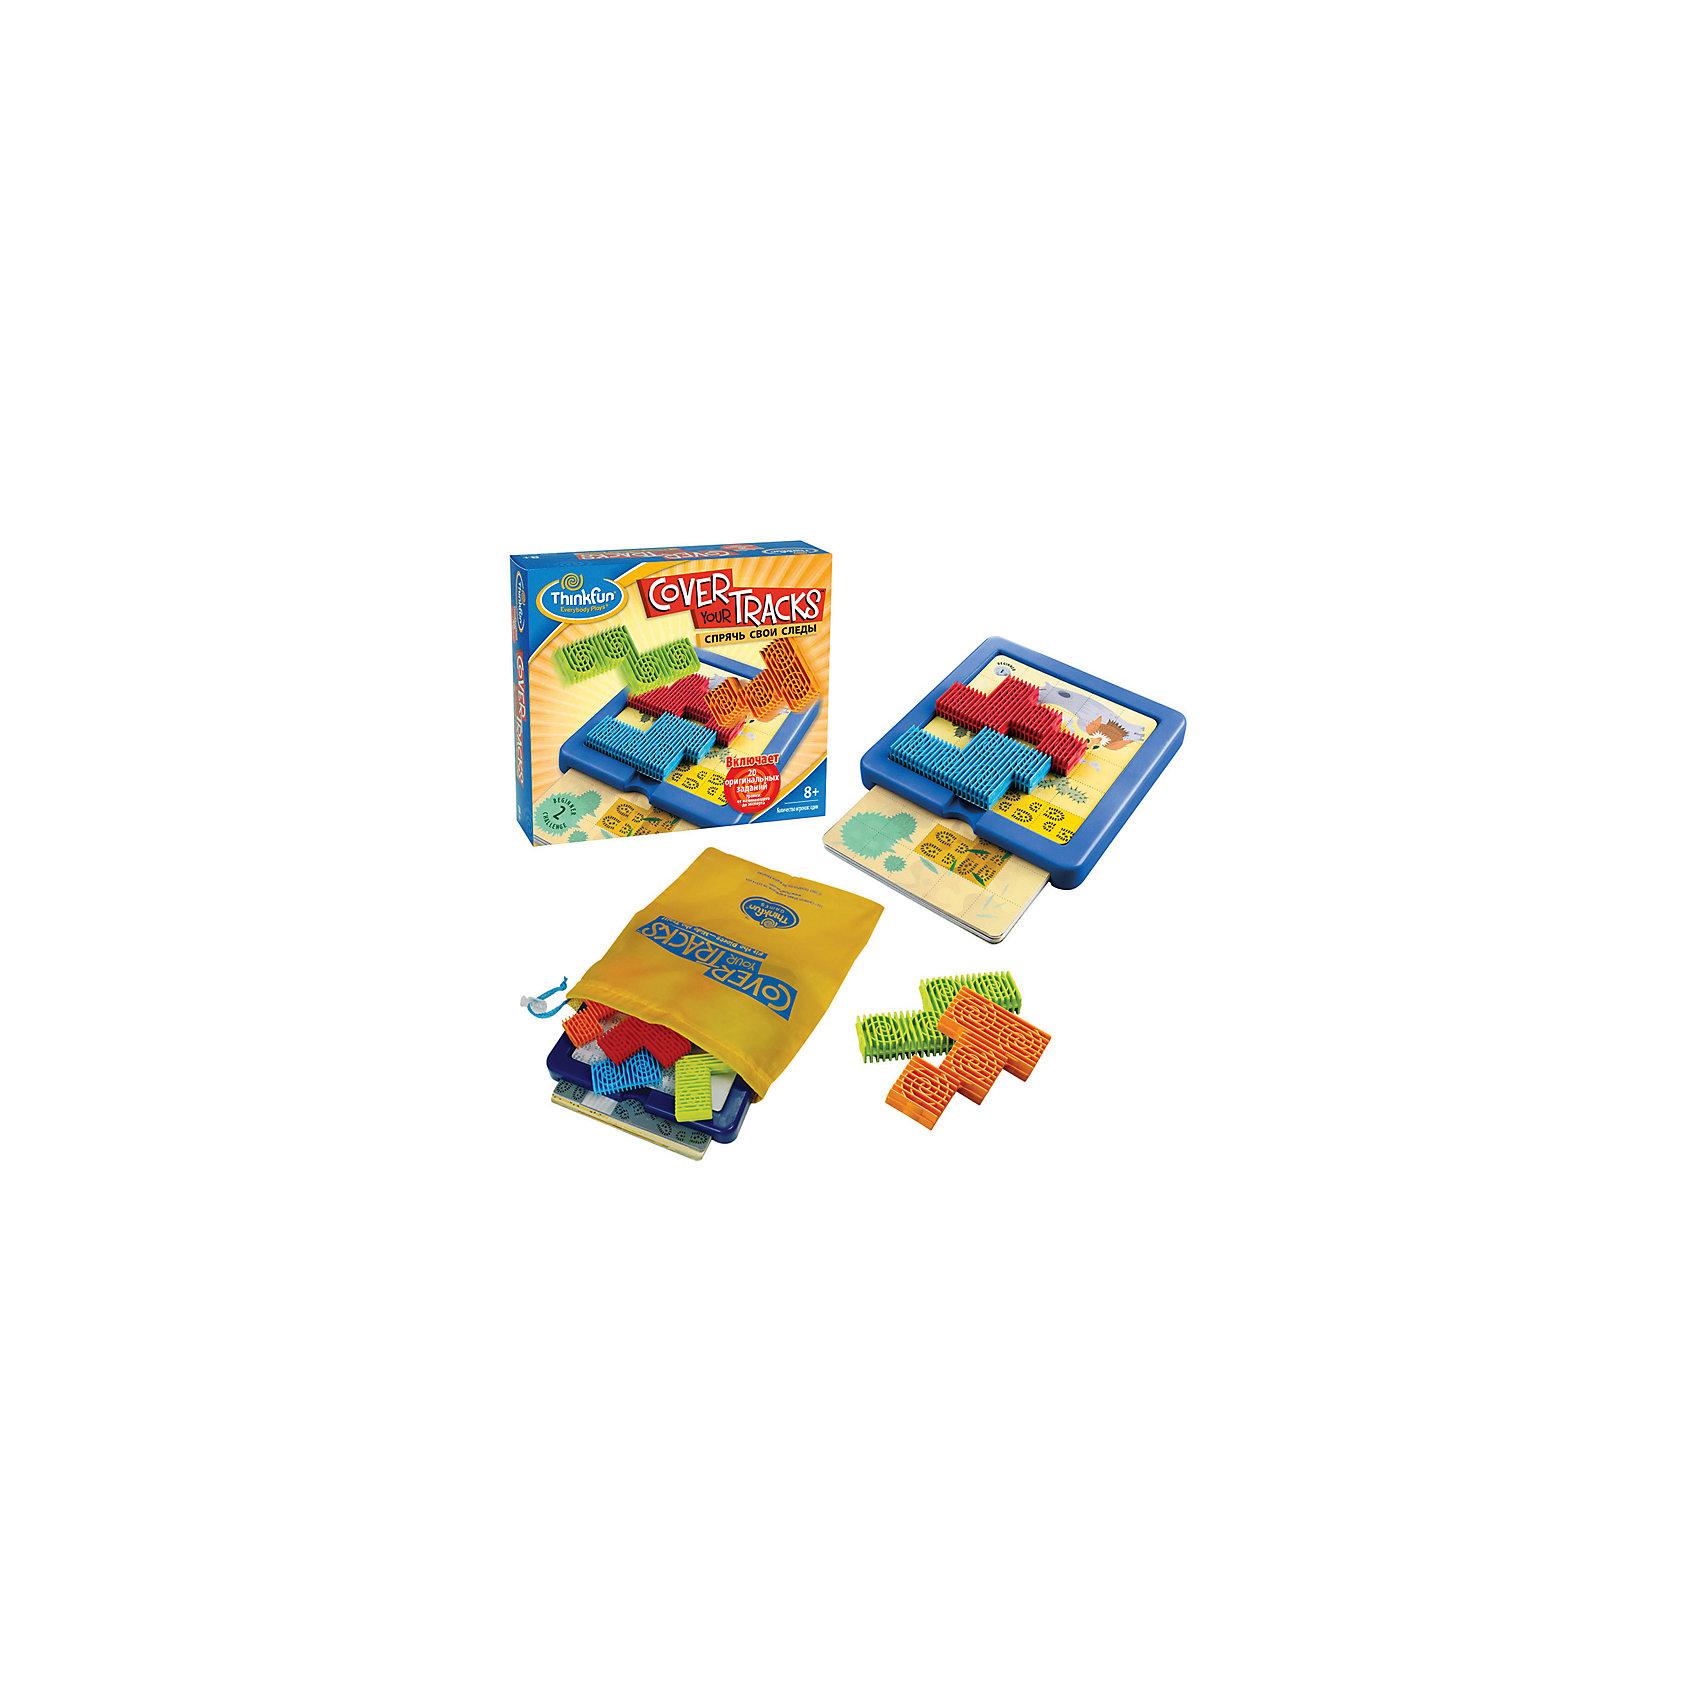 Игра Спрячь свои следы, ThinkfunГоловоломка-паззл Спрячь свои следы обладает достаточно интересным и необычным сюжетом.<br> <br>Цель игры: Спрячьте следы, изображённые на карточке с помощью четырёх разноцветных частей пазла.  Чтобы решить головоломку, все четыре части должны уместиться в пределах игрового поля.  <br><br> Порядок игры:<br>- Выберите одну карточку-головоломку из колоды и положите её на игровое поле. <br>- Разместите части паззла так, чтобы они полностью закрыли выделенную зону со следами. Все четыре части паззла нужно уместить внутри игрового поля так, чтобы они лежали горизонтально, не выступая за края игрового поля. <br>- Как только выделенная зона со следами будет полностью закрыта всеми частями паззла - цель достигнута!<br><br>В комплект входят игровое поле, 20 карточек с различными видами местности и следами на них, 4 фигуры сложной формы,  удобный мешочек для транспортировки и хранения игры.<br><br>Размер упаковки: 65 x 203 x 222 мм<br><br>Ширина мм: 635<br>Глубина мм: 203<br>Высота мм: 222<br>Вес г: 502<br>Возраст от месяцев: 72<br>Возраст до месяцев: 1188<br>Пол: Унисекс<br>Возраст: Детский<br>SKU: 2148447